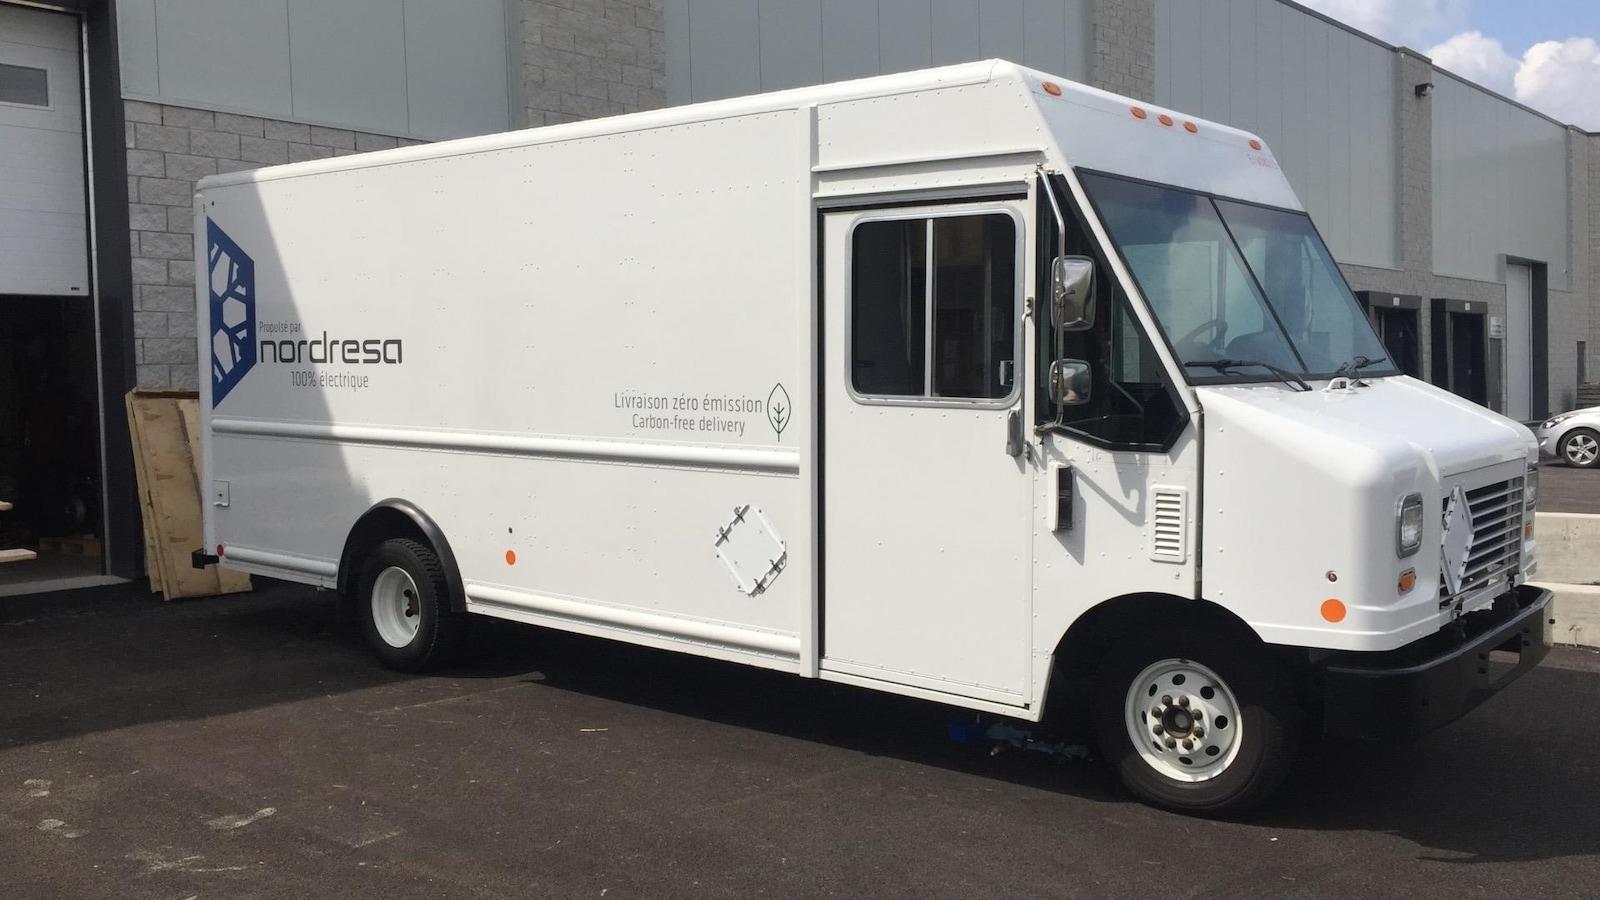 Le premier camion électrique de livraison commerciale fabriqué par la compagnie lavalloise Nordresa.